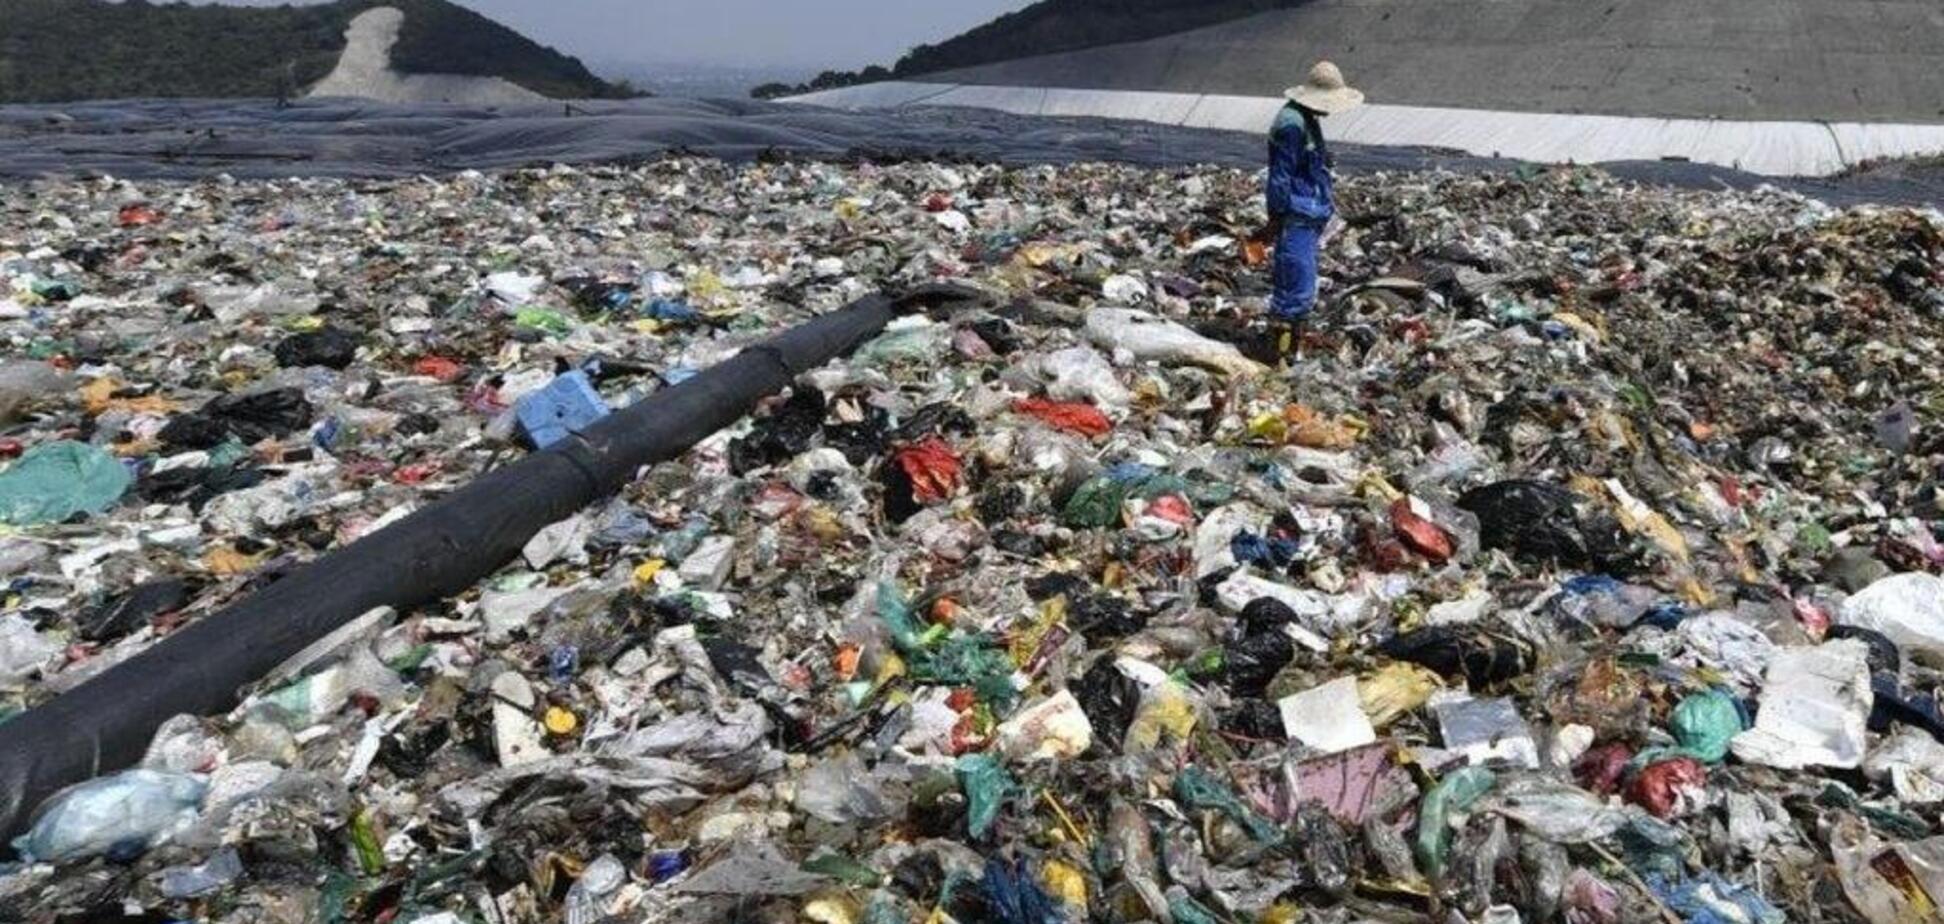 'Будущее требует заплатить цену': в Японии начали необычную борьбу с климатическим кризисом